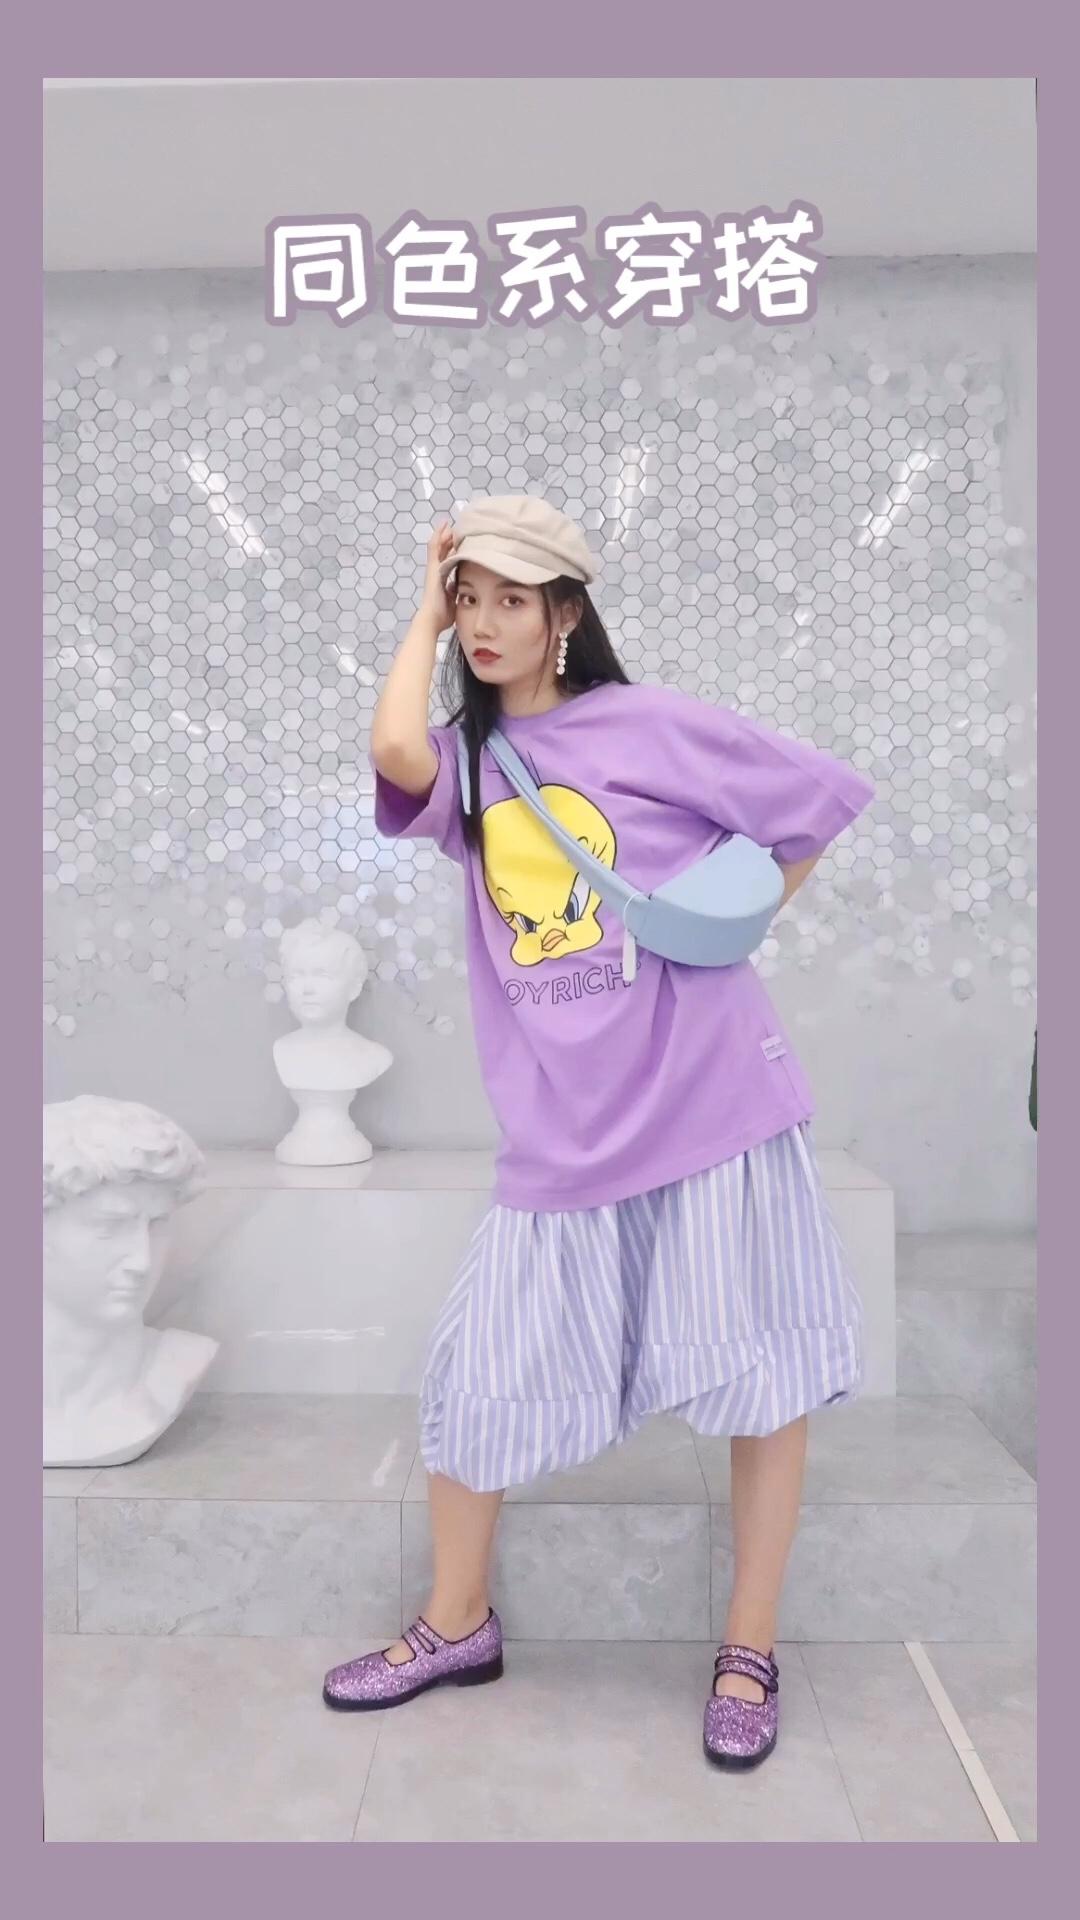 超级休闲可爱的一套同色系穿搭 小黄鸭T恤超级可爱 香芋紫色黄皮也不用担心 轻轻松松就能hold住 搭配紫色亮片鞋也是这套look的亮点哦~ #这条半身裙,专治腿粗~#